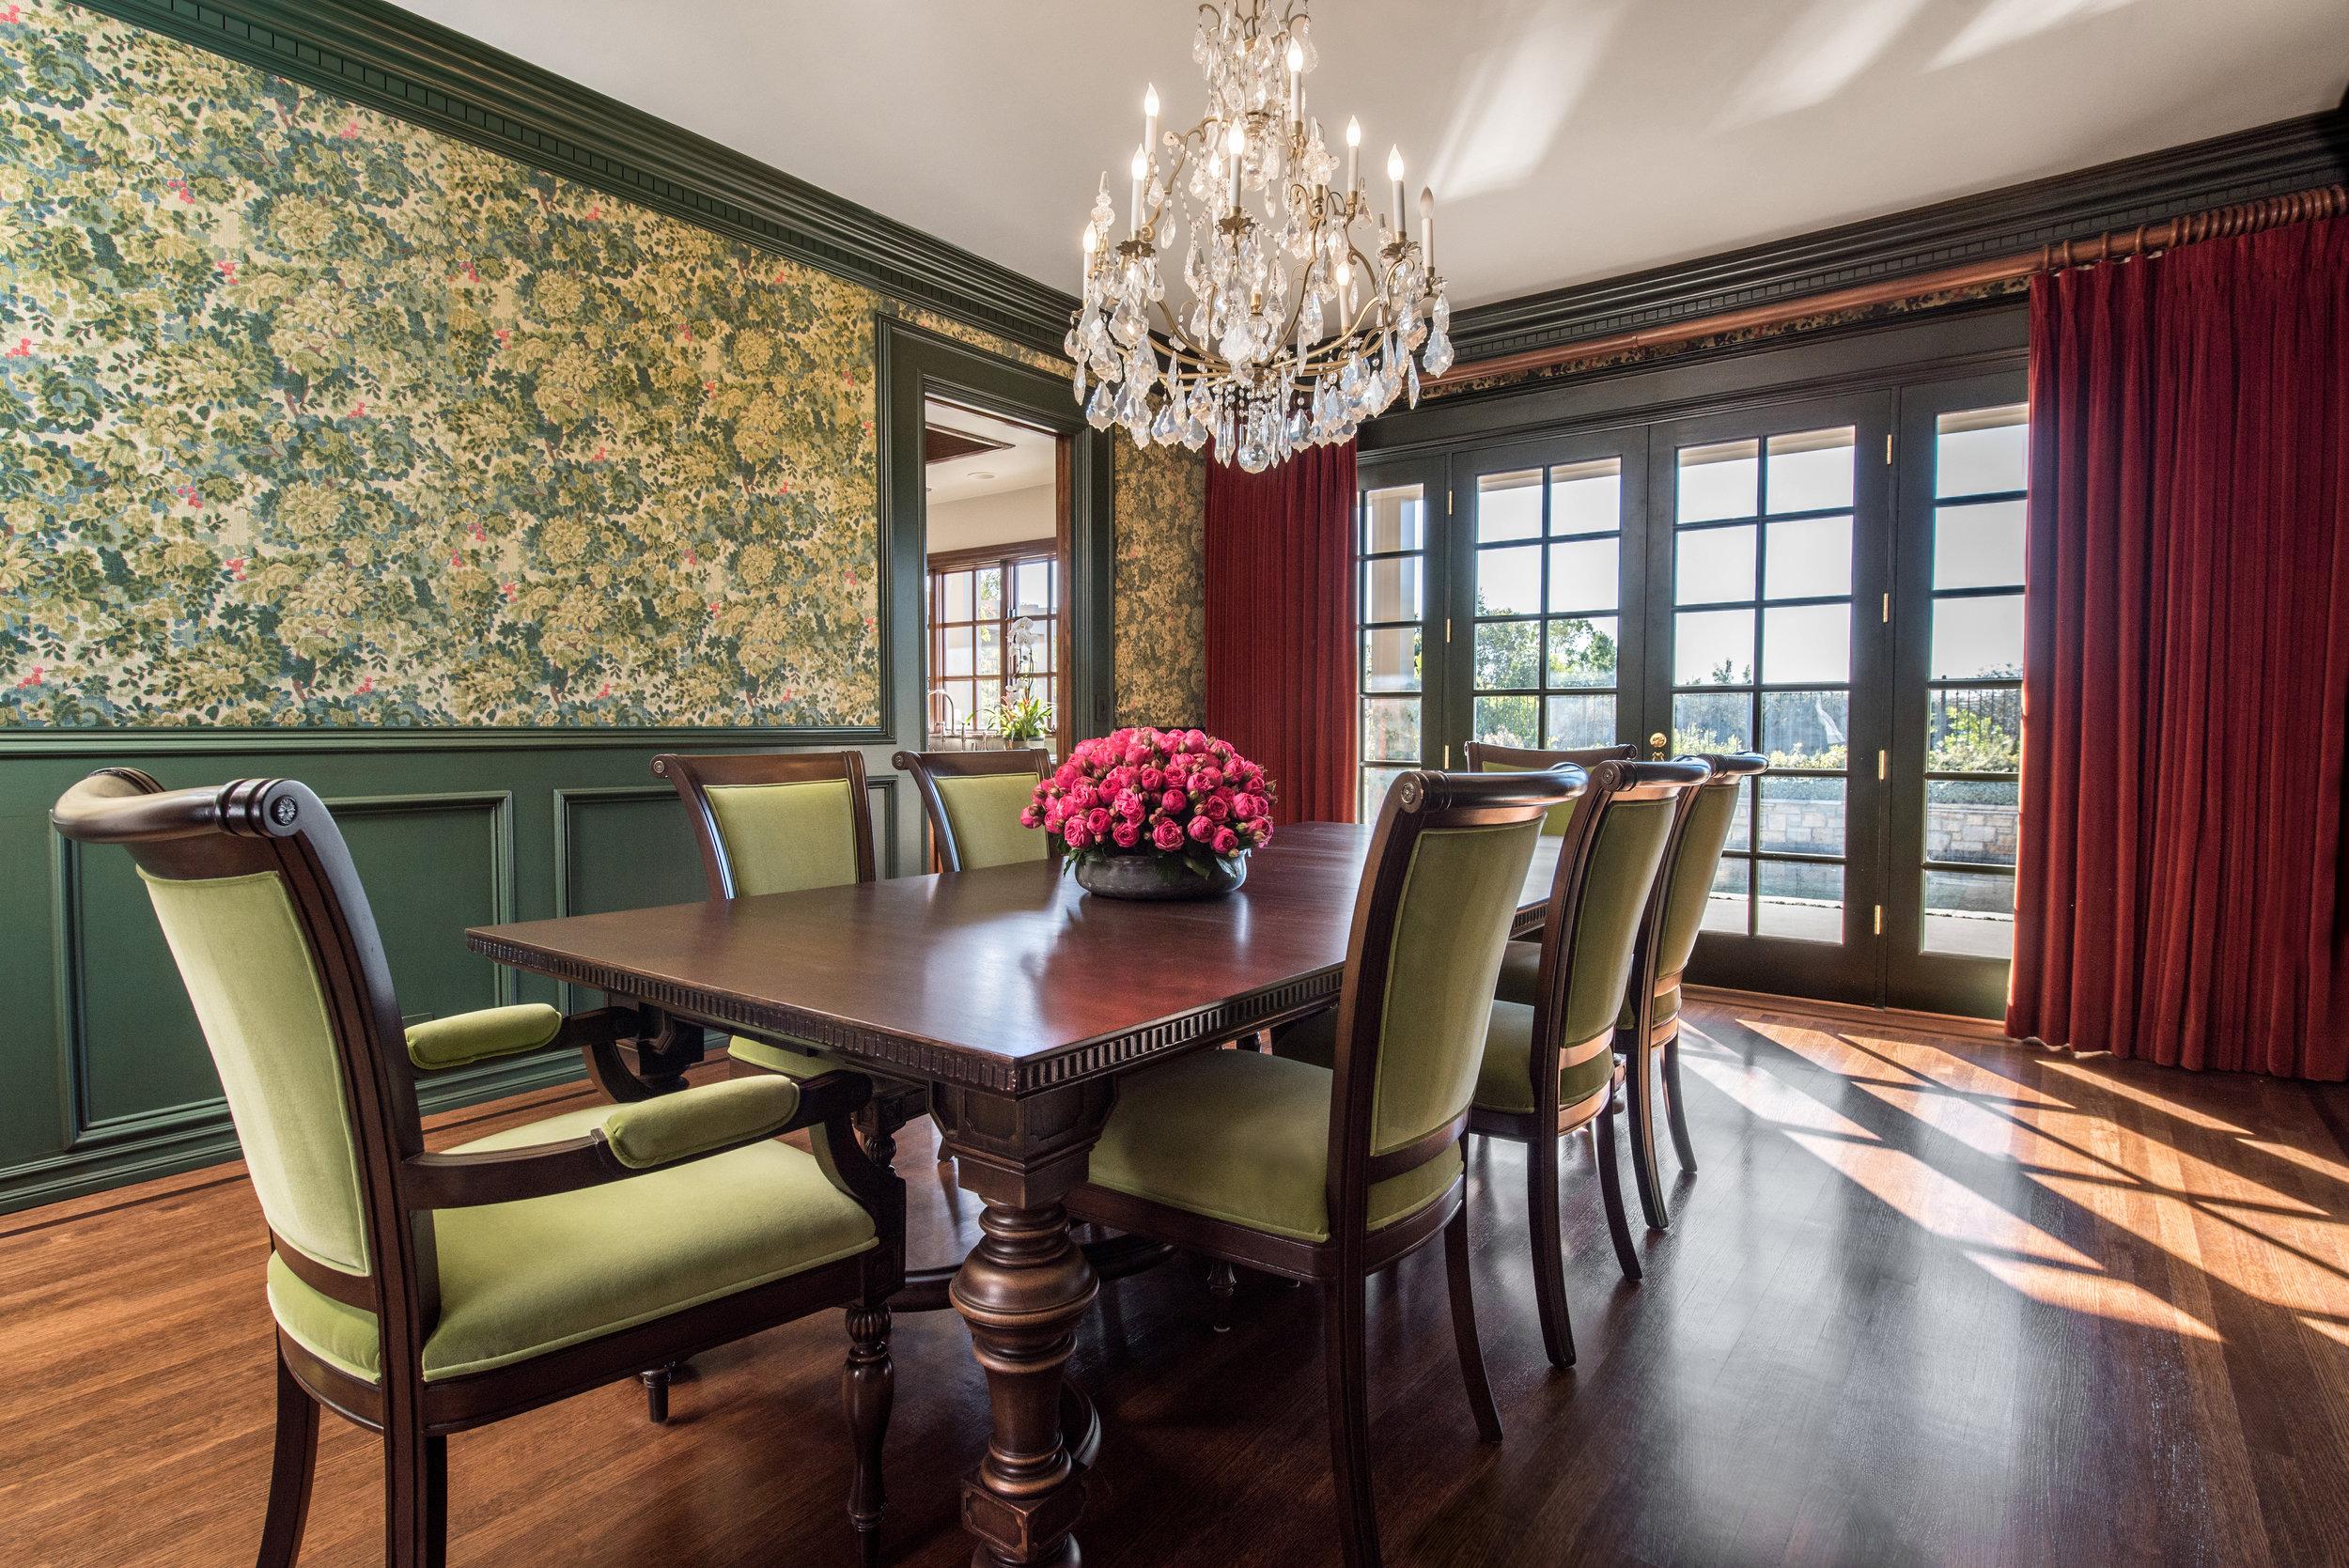 sarah-barnard-design-pacific-palisades-estate-dining-room18.jpg